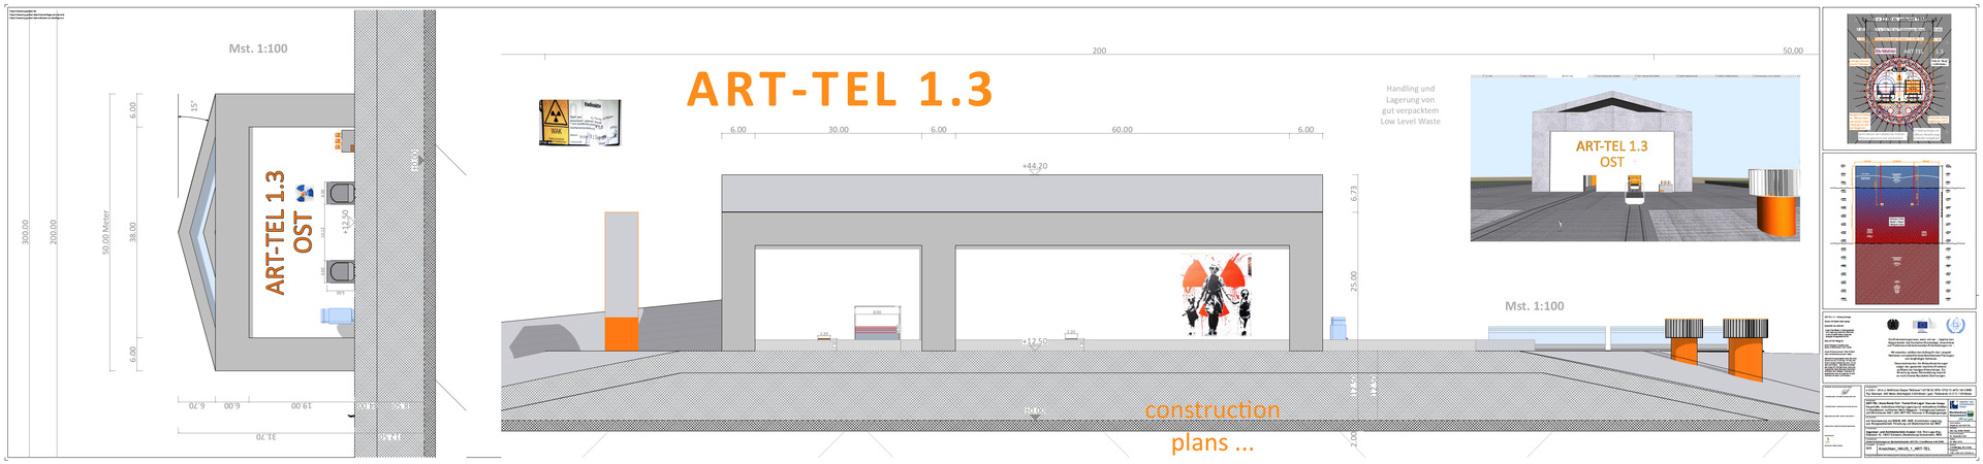 25_025_Ansichten_HAUS_1_ART-TEL_1.3_Ing_Goebel_BGE_GmbH_Peine_BFE_Berlin